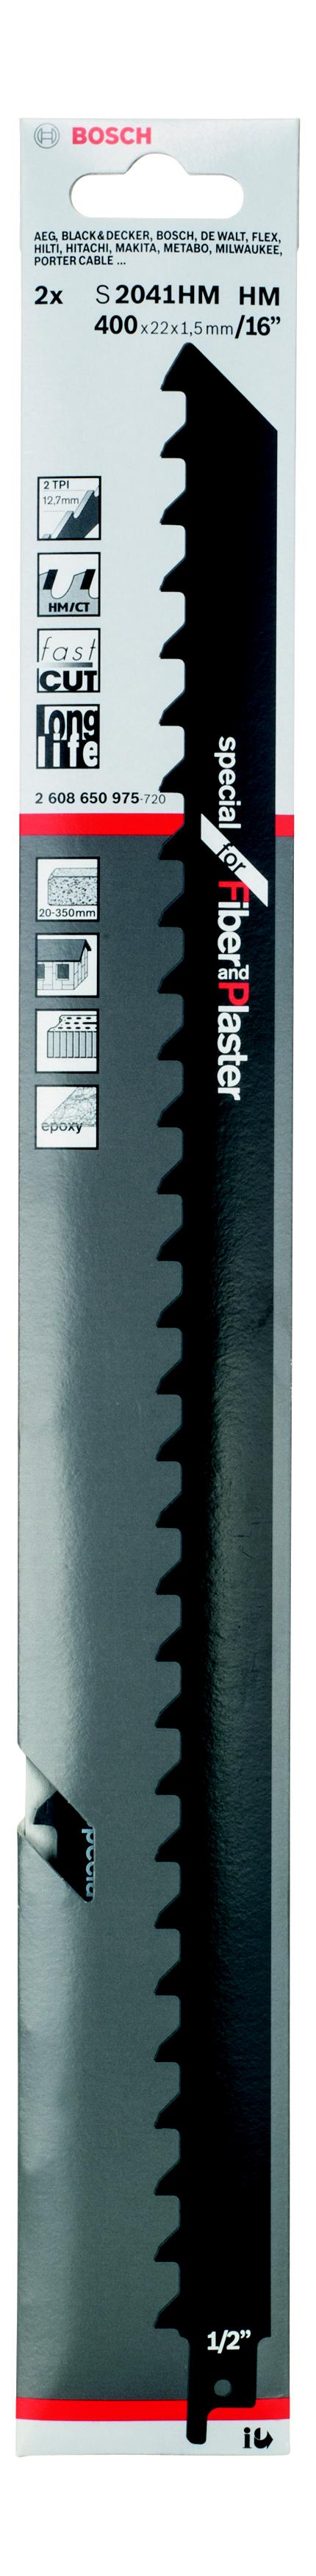 Купить Полотно для сабельной пилы Bosch S 2041 hm (2.608.650.975), Германия